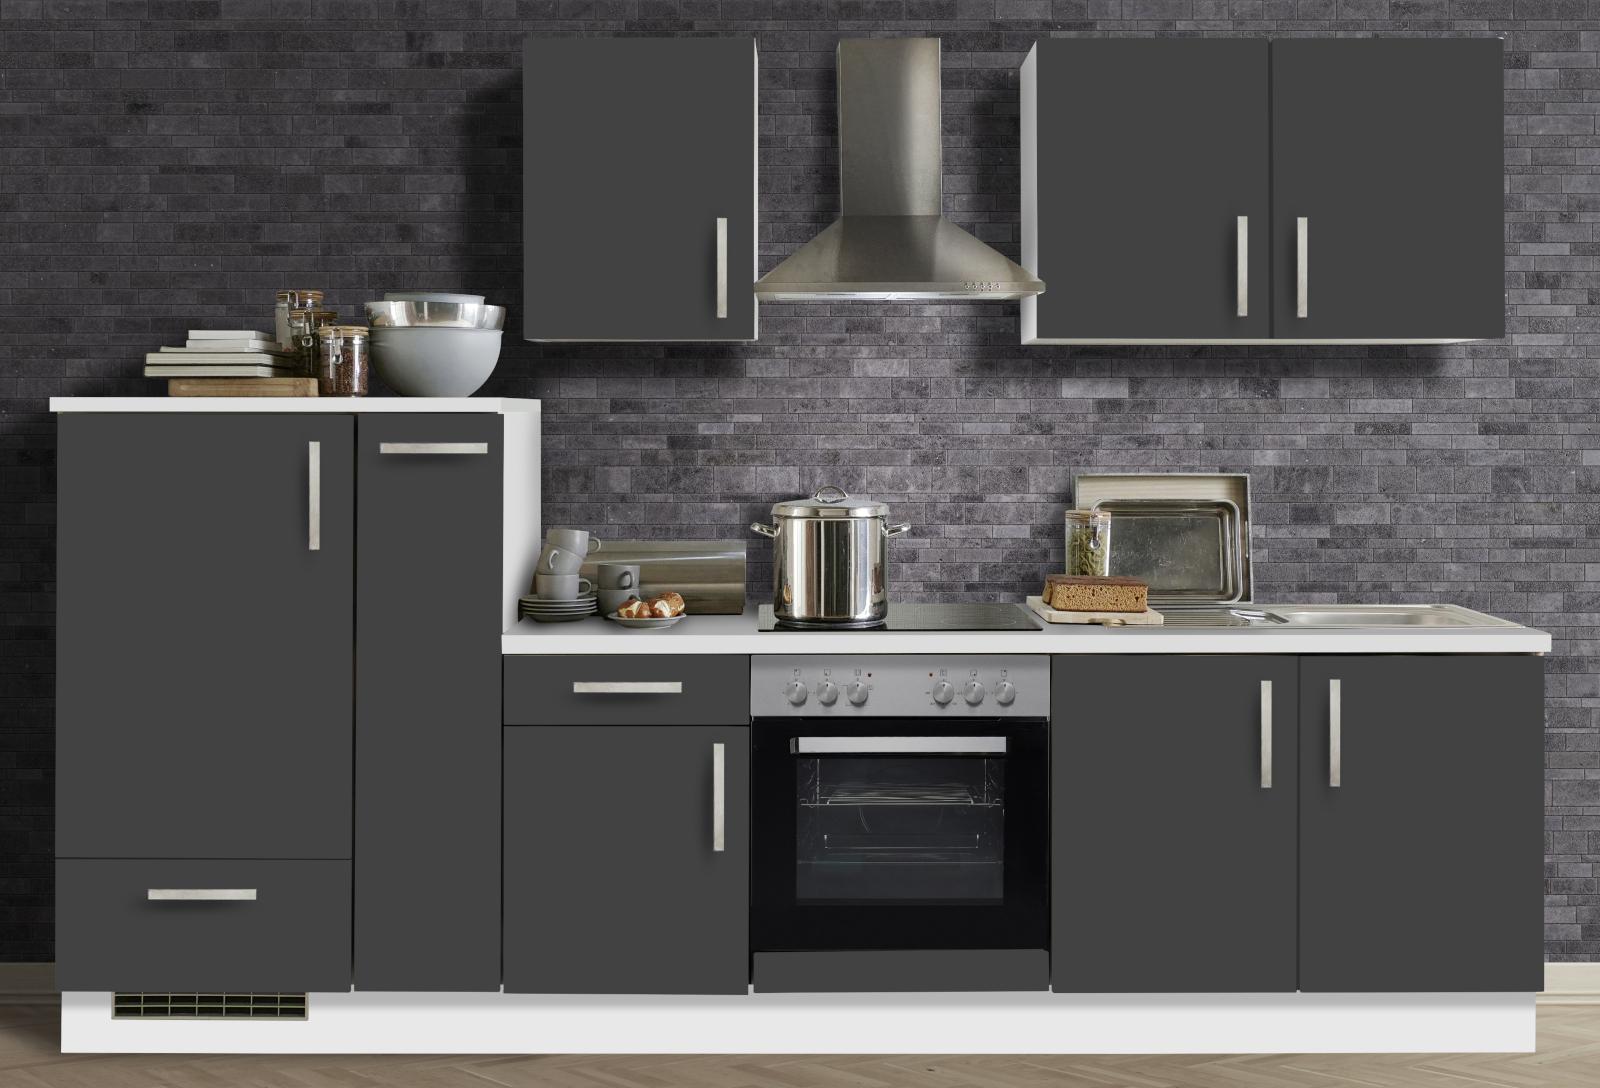 Full Size of Küche Mit E Geräten Und Kühlschrank Küche Mit E Geräten Real Einbauküche Mit E Geräten Günstig Kaufen Küche Mit E Geräten Amazon Küche Einbauküche Mit E Geräten